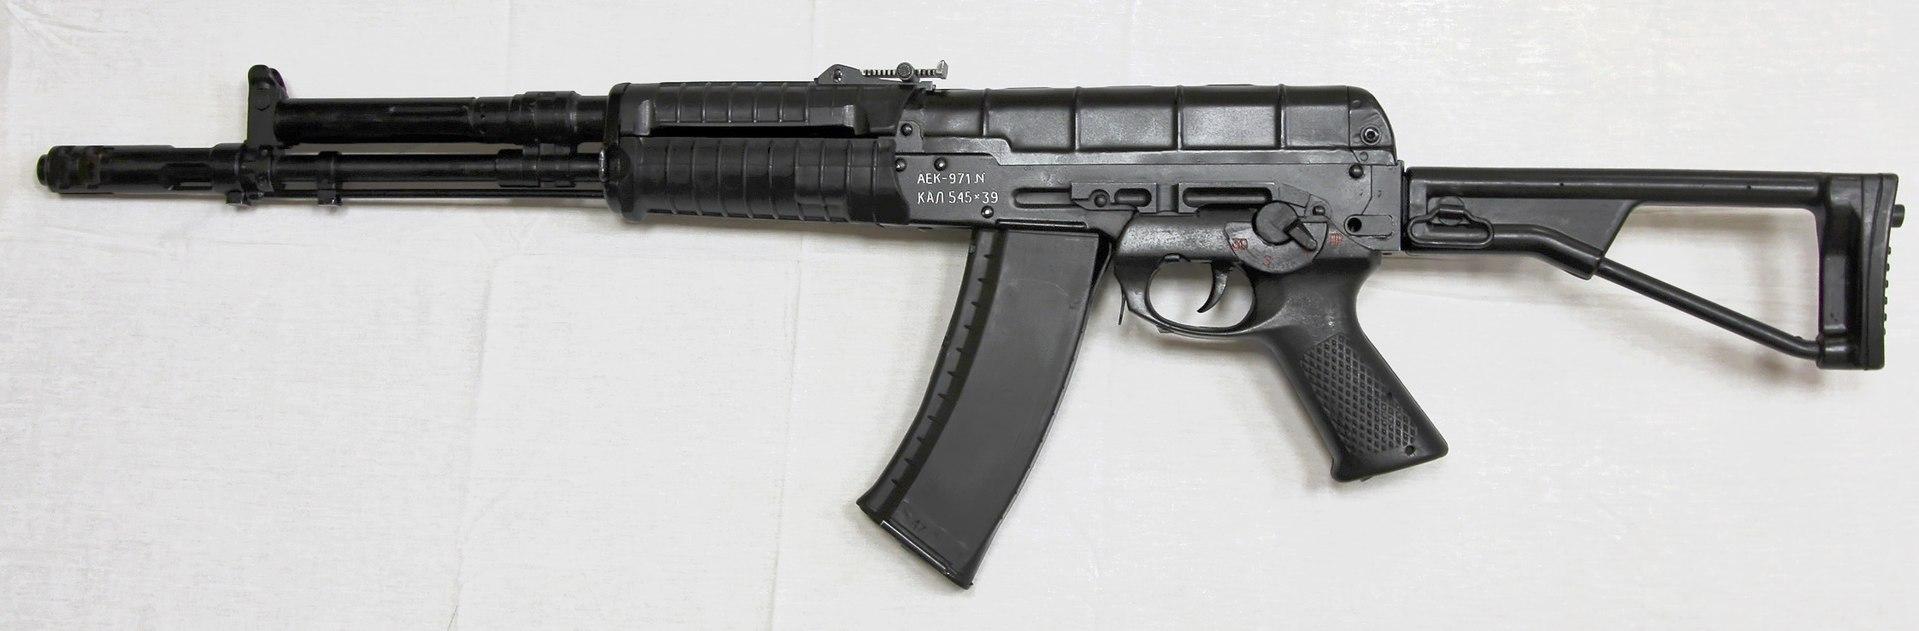 AEK-971.jpg